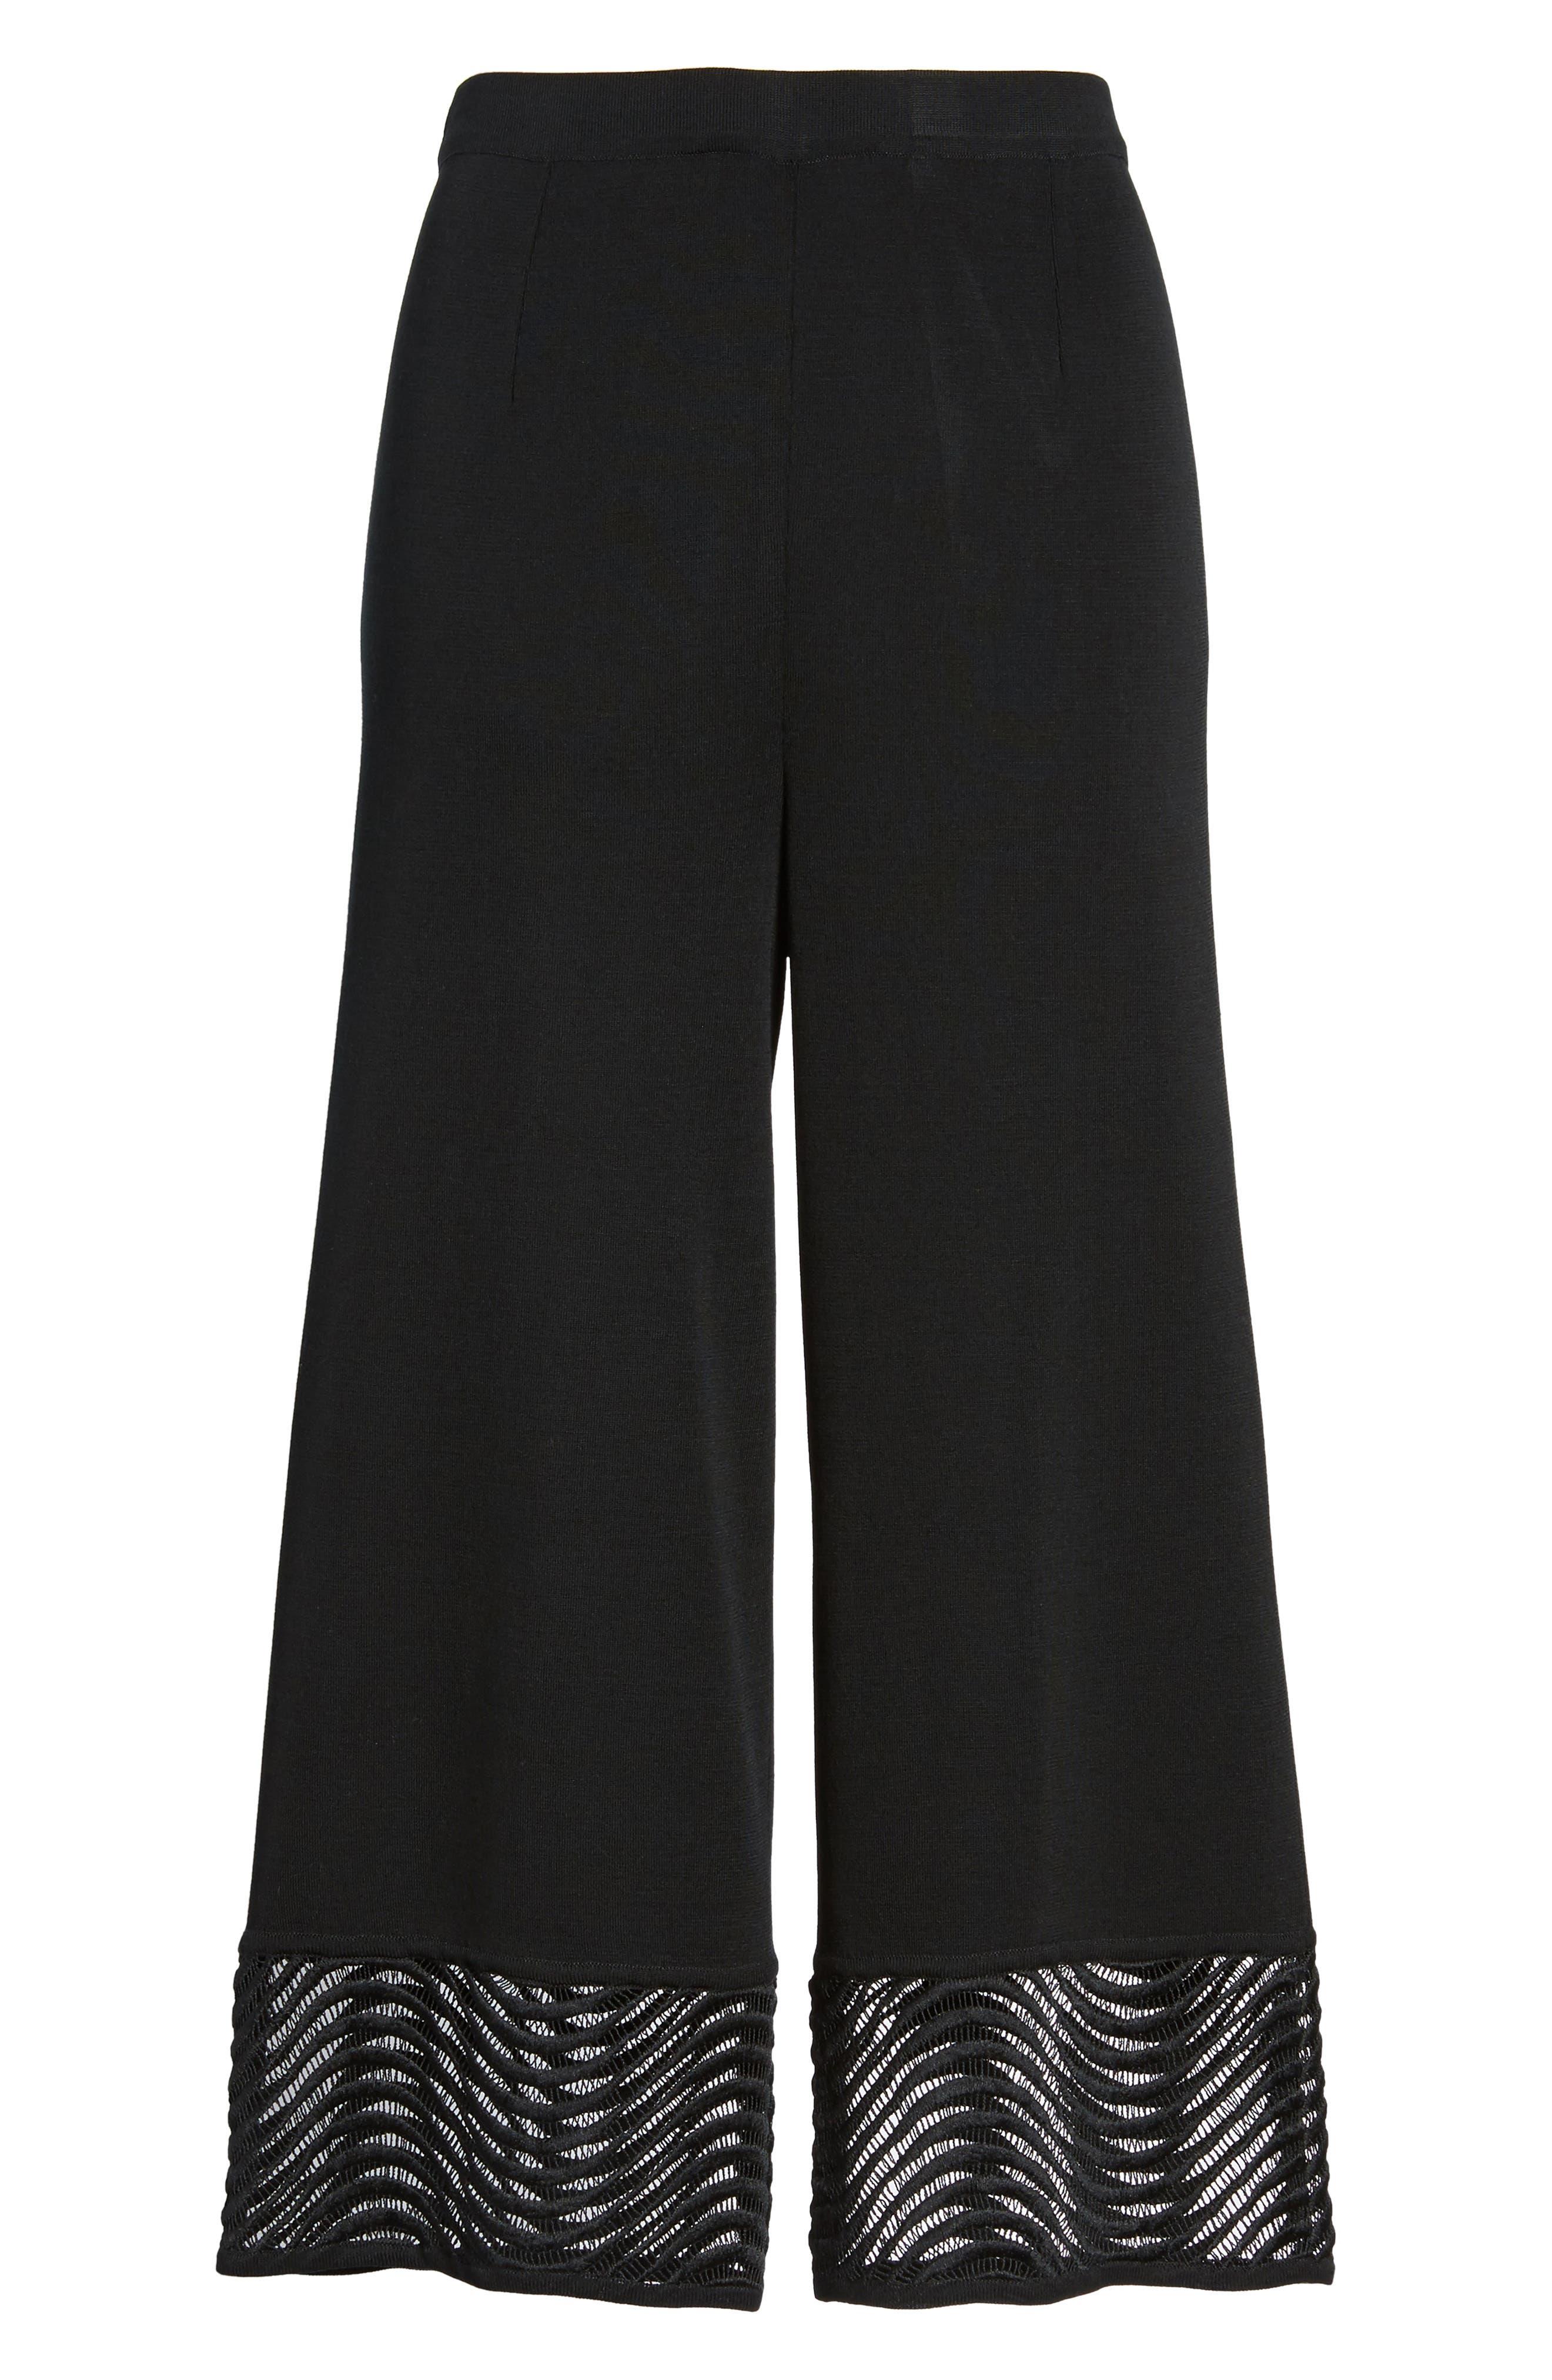 Crop Knit Pants,                             Alternate thumbnail 7, color,                             001